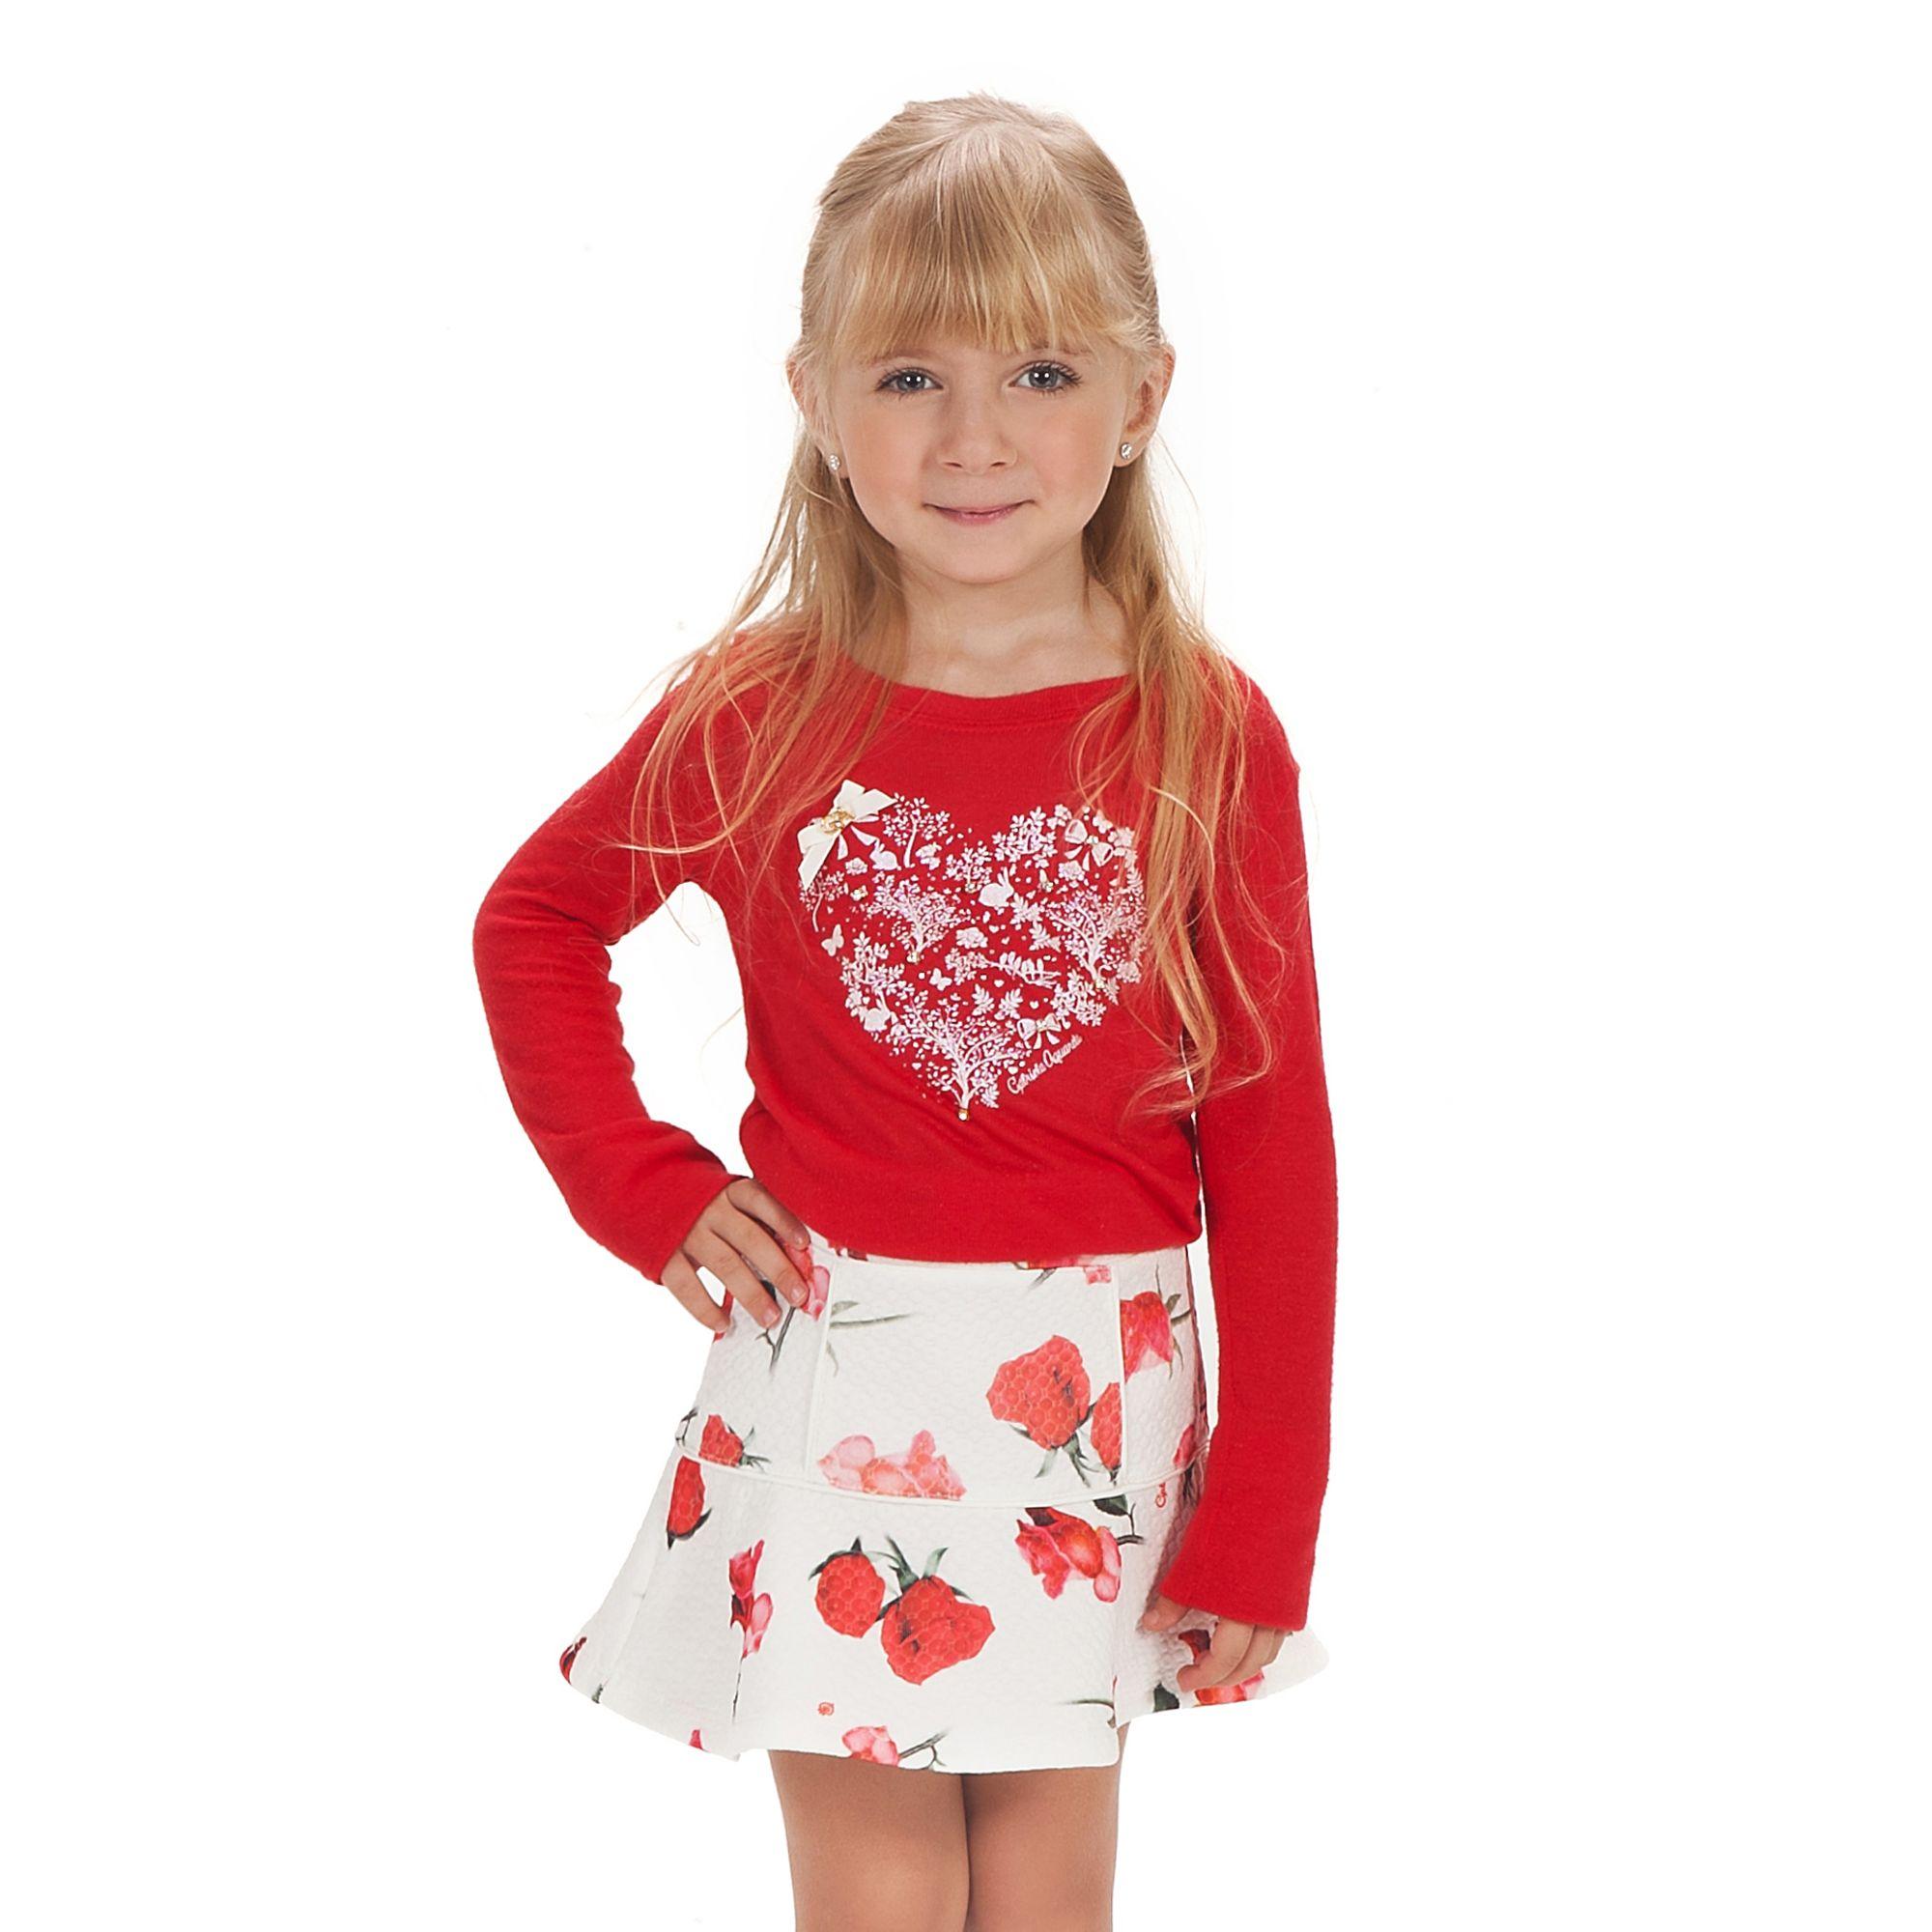 conjunto-menina-camiseta-vermelha-e-saia-matelasse-rosas-gabriela-aquarela